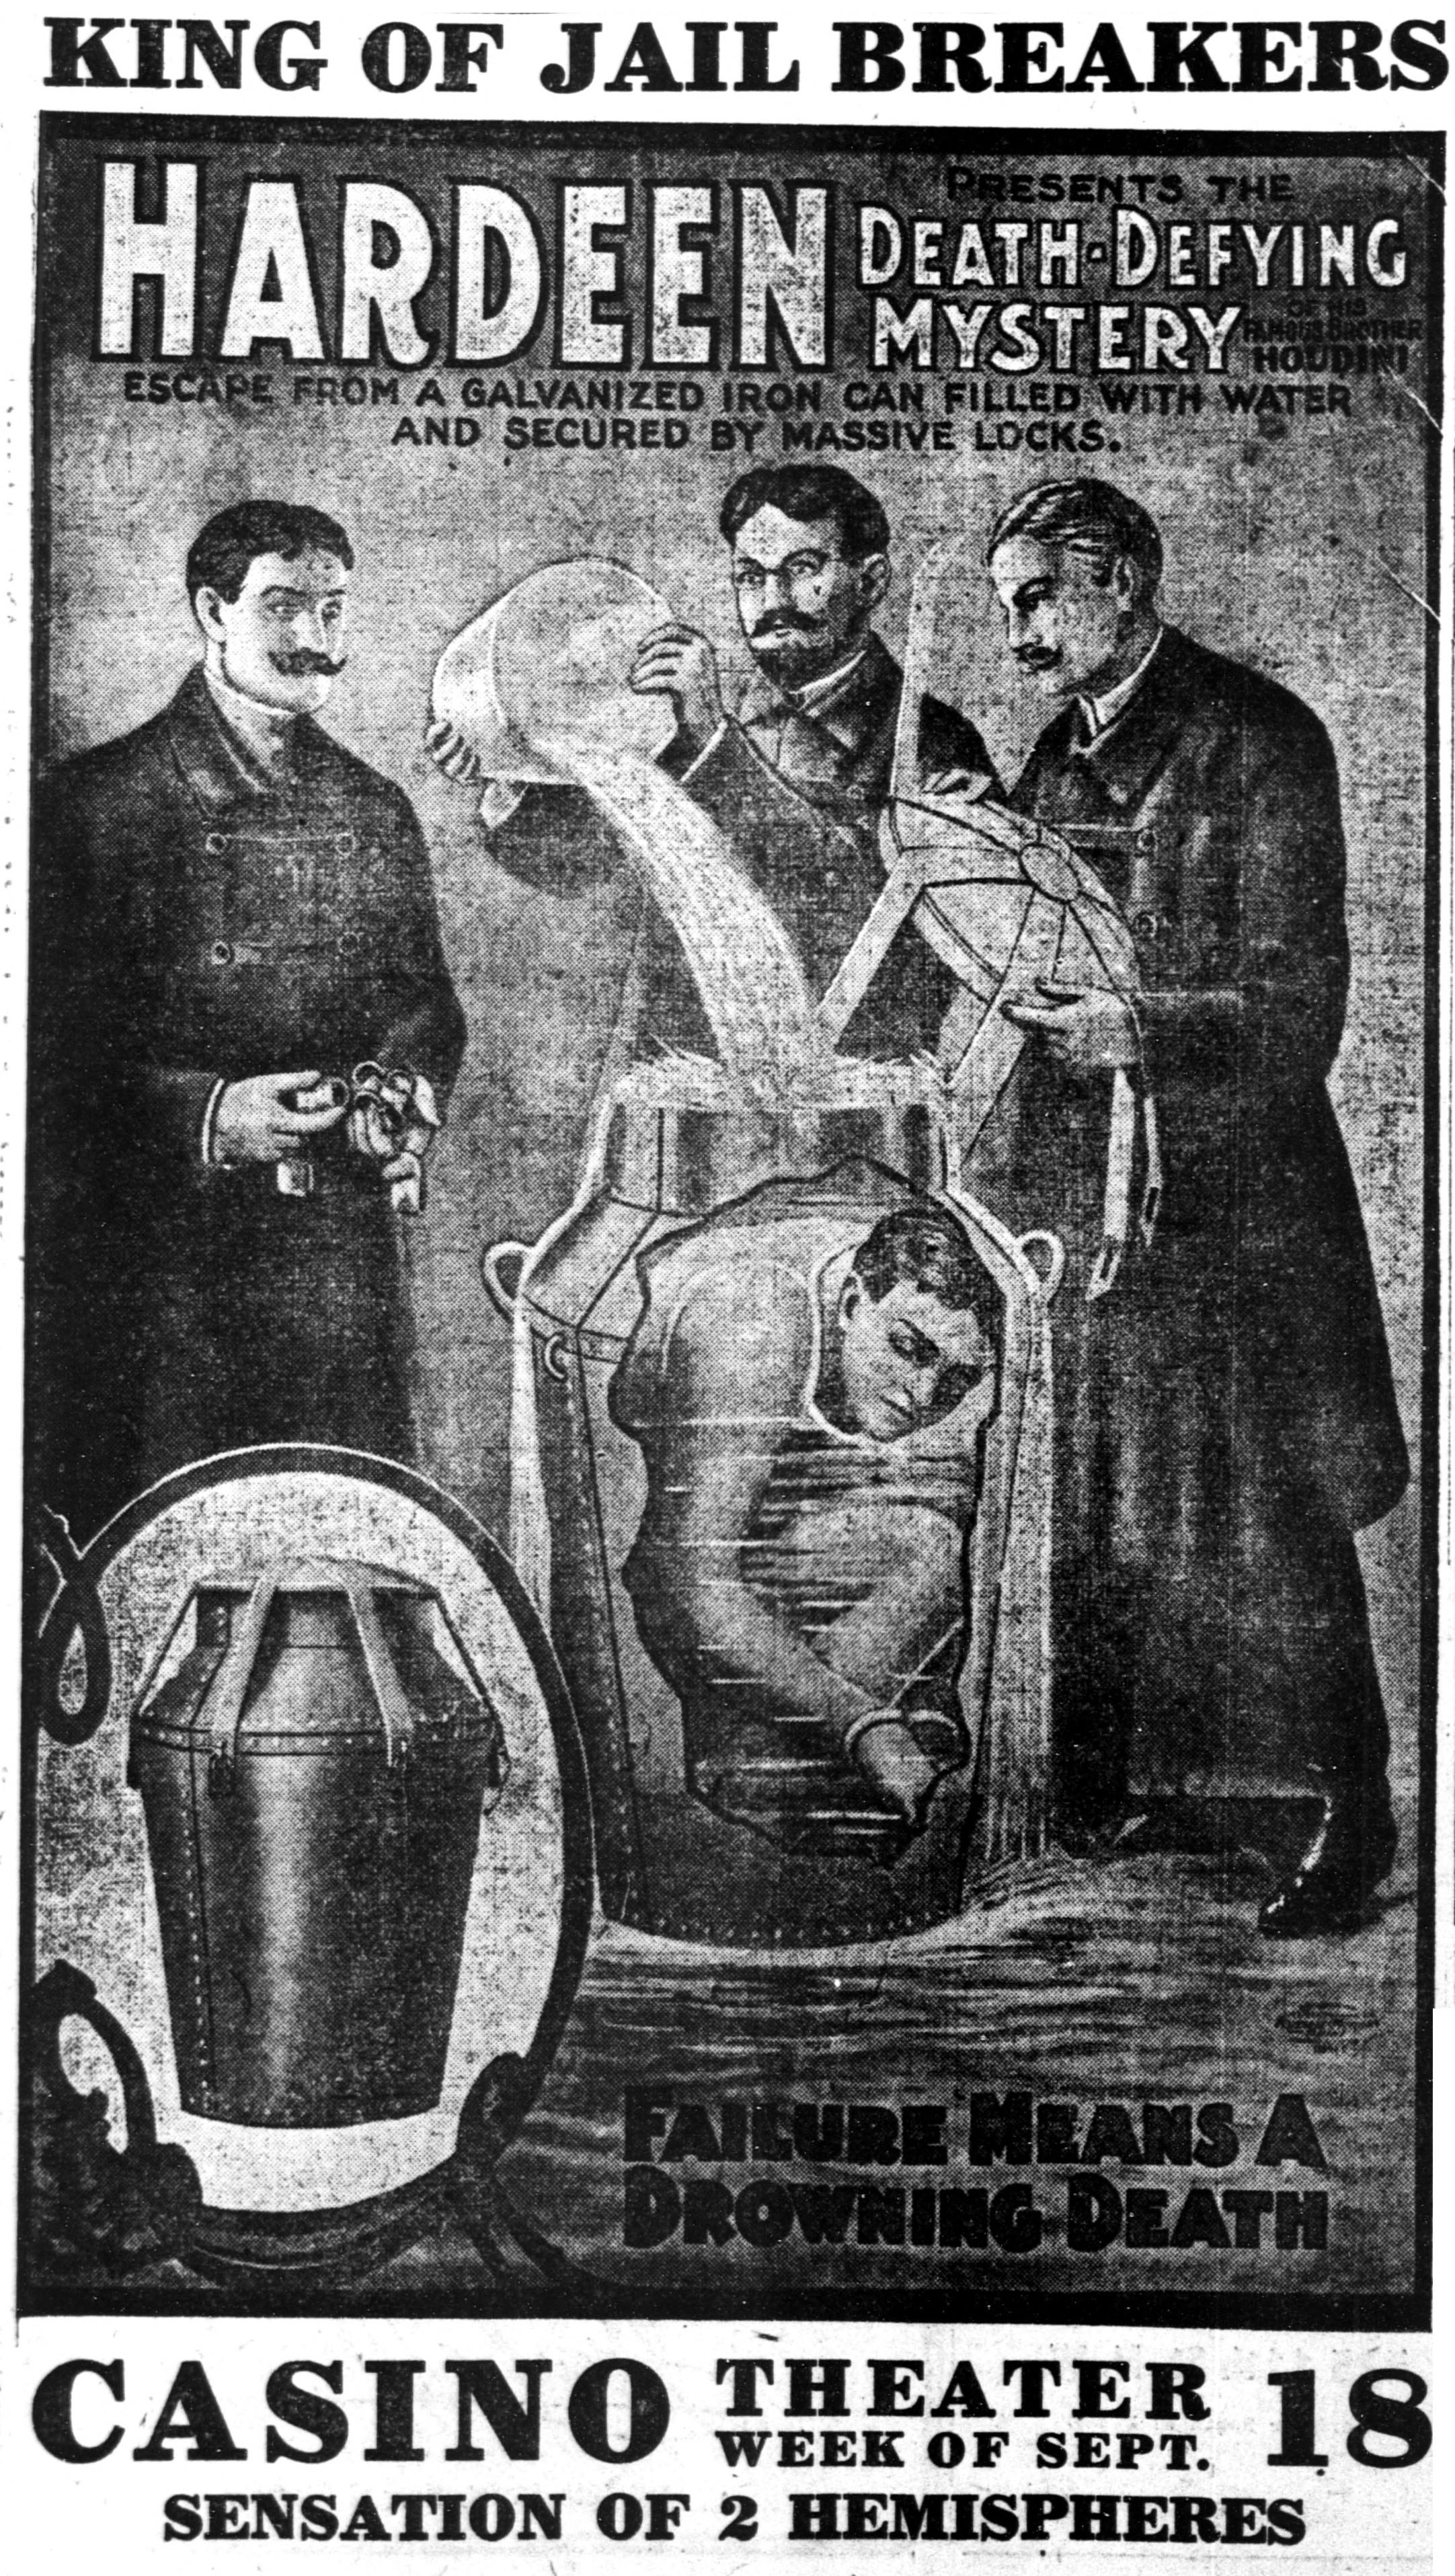 hardeen-newspaper-advertisement 1911.jpg